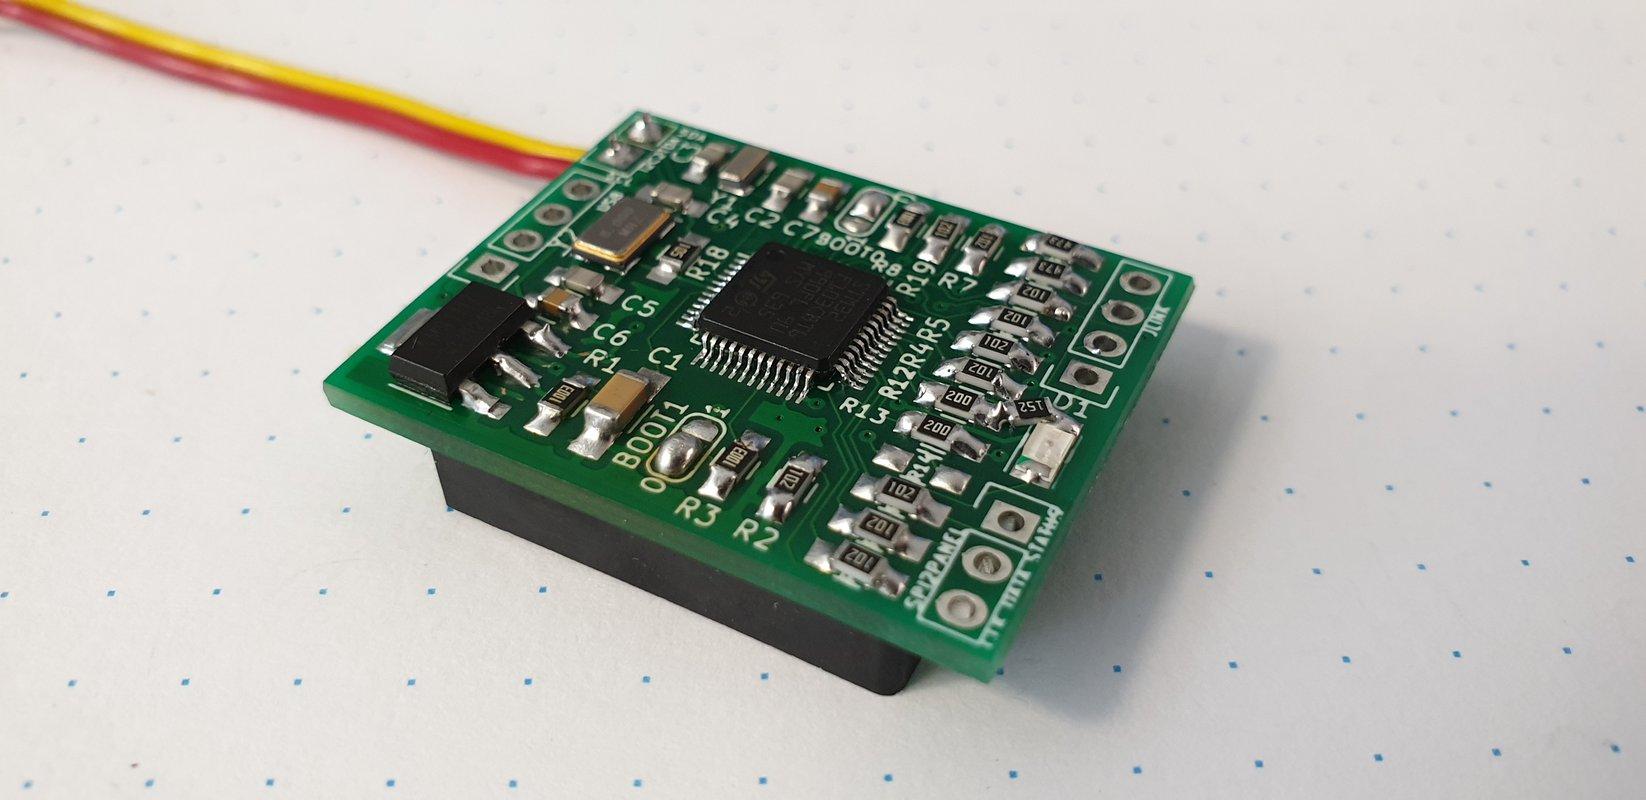 assembled module